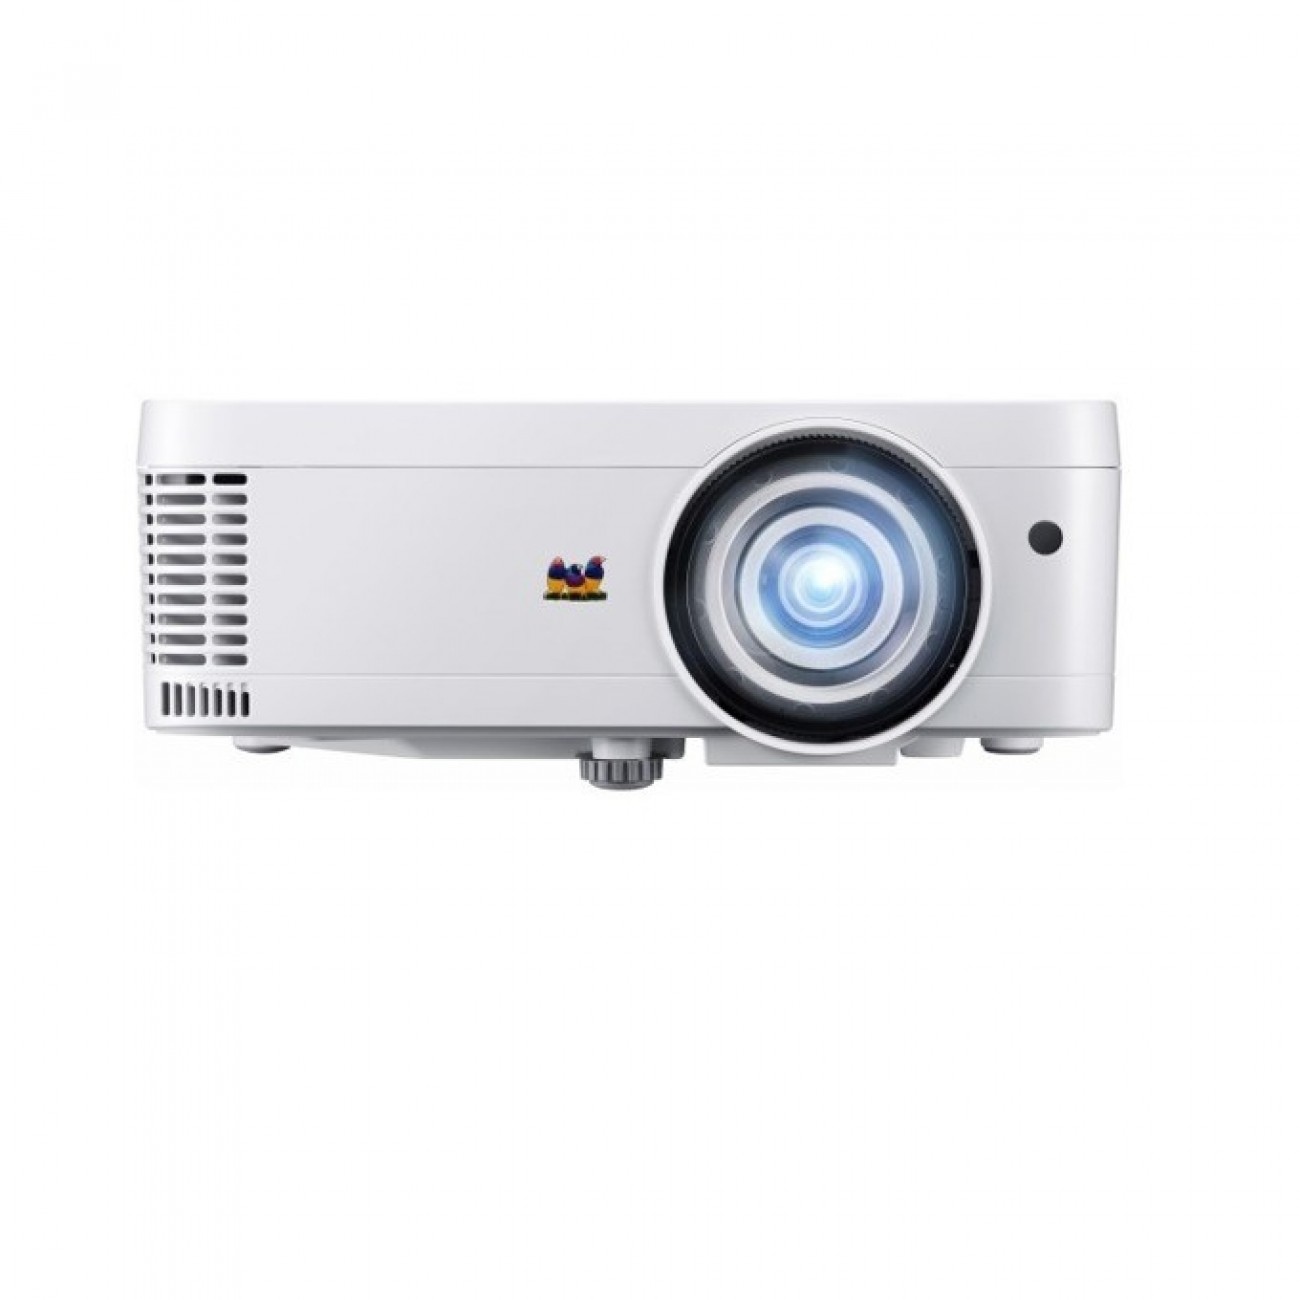 Проектор ViewSonic PS501X, DLP, XGA (1024x768), 22 000:1, 3500 lm, 1x HDMI, 2x VGA, 1x USB A, RS232 в Проектори -    Alleop